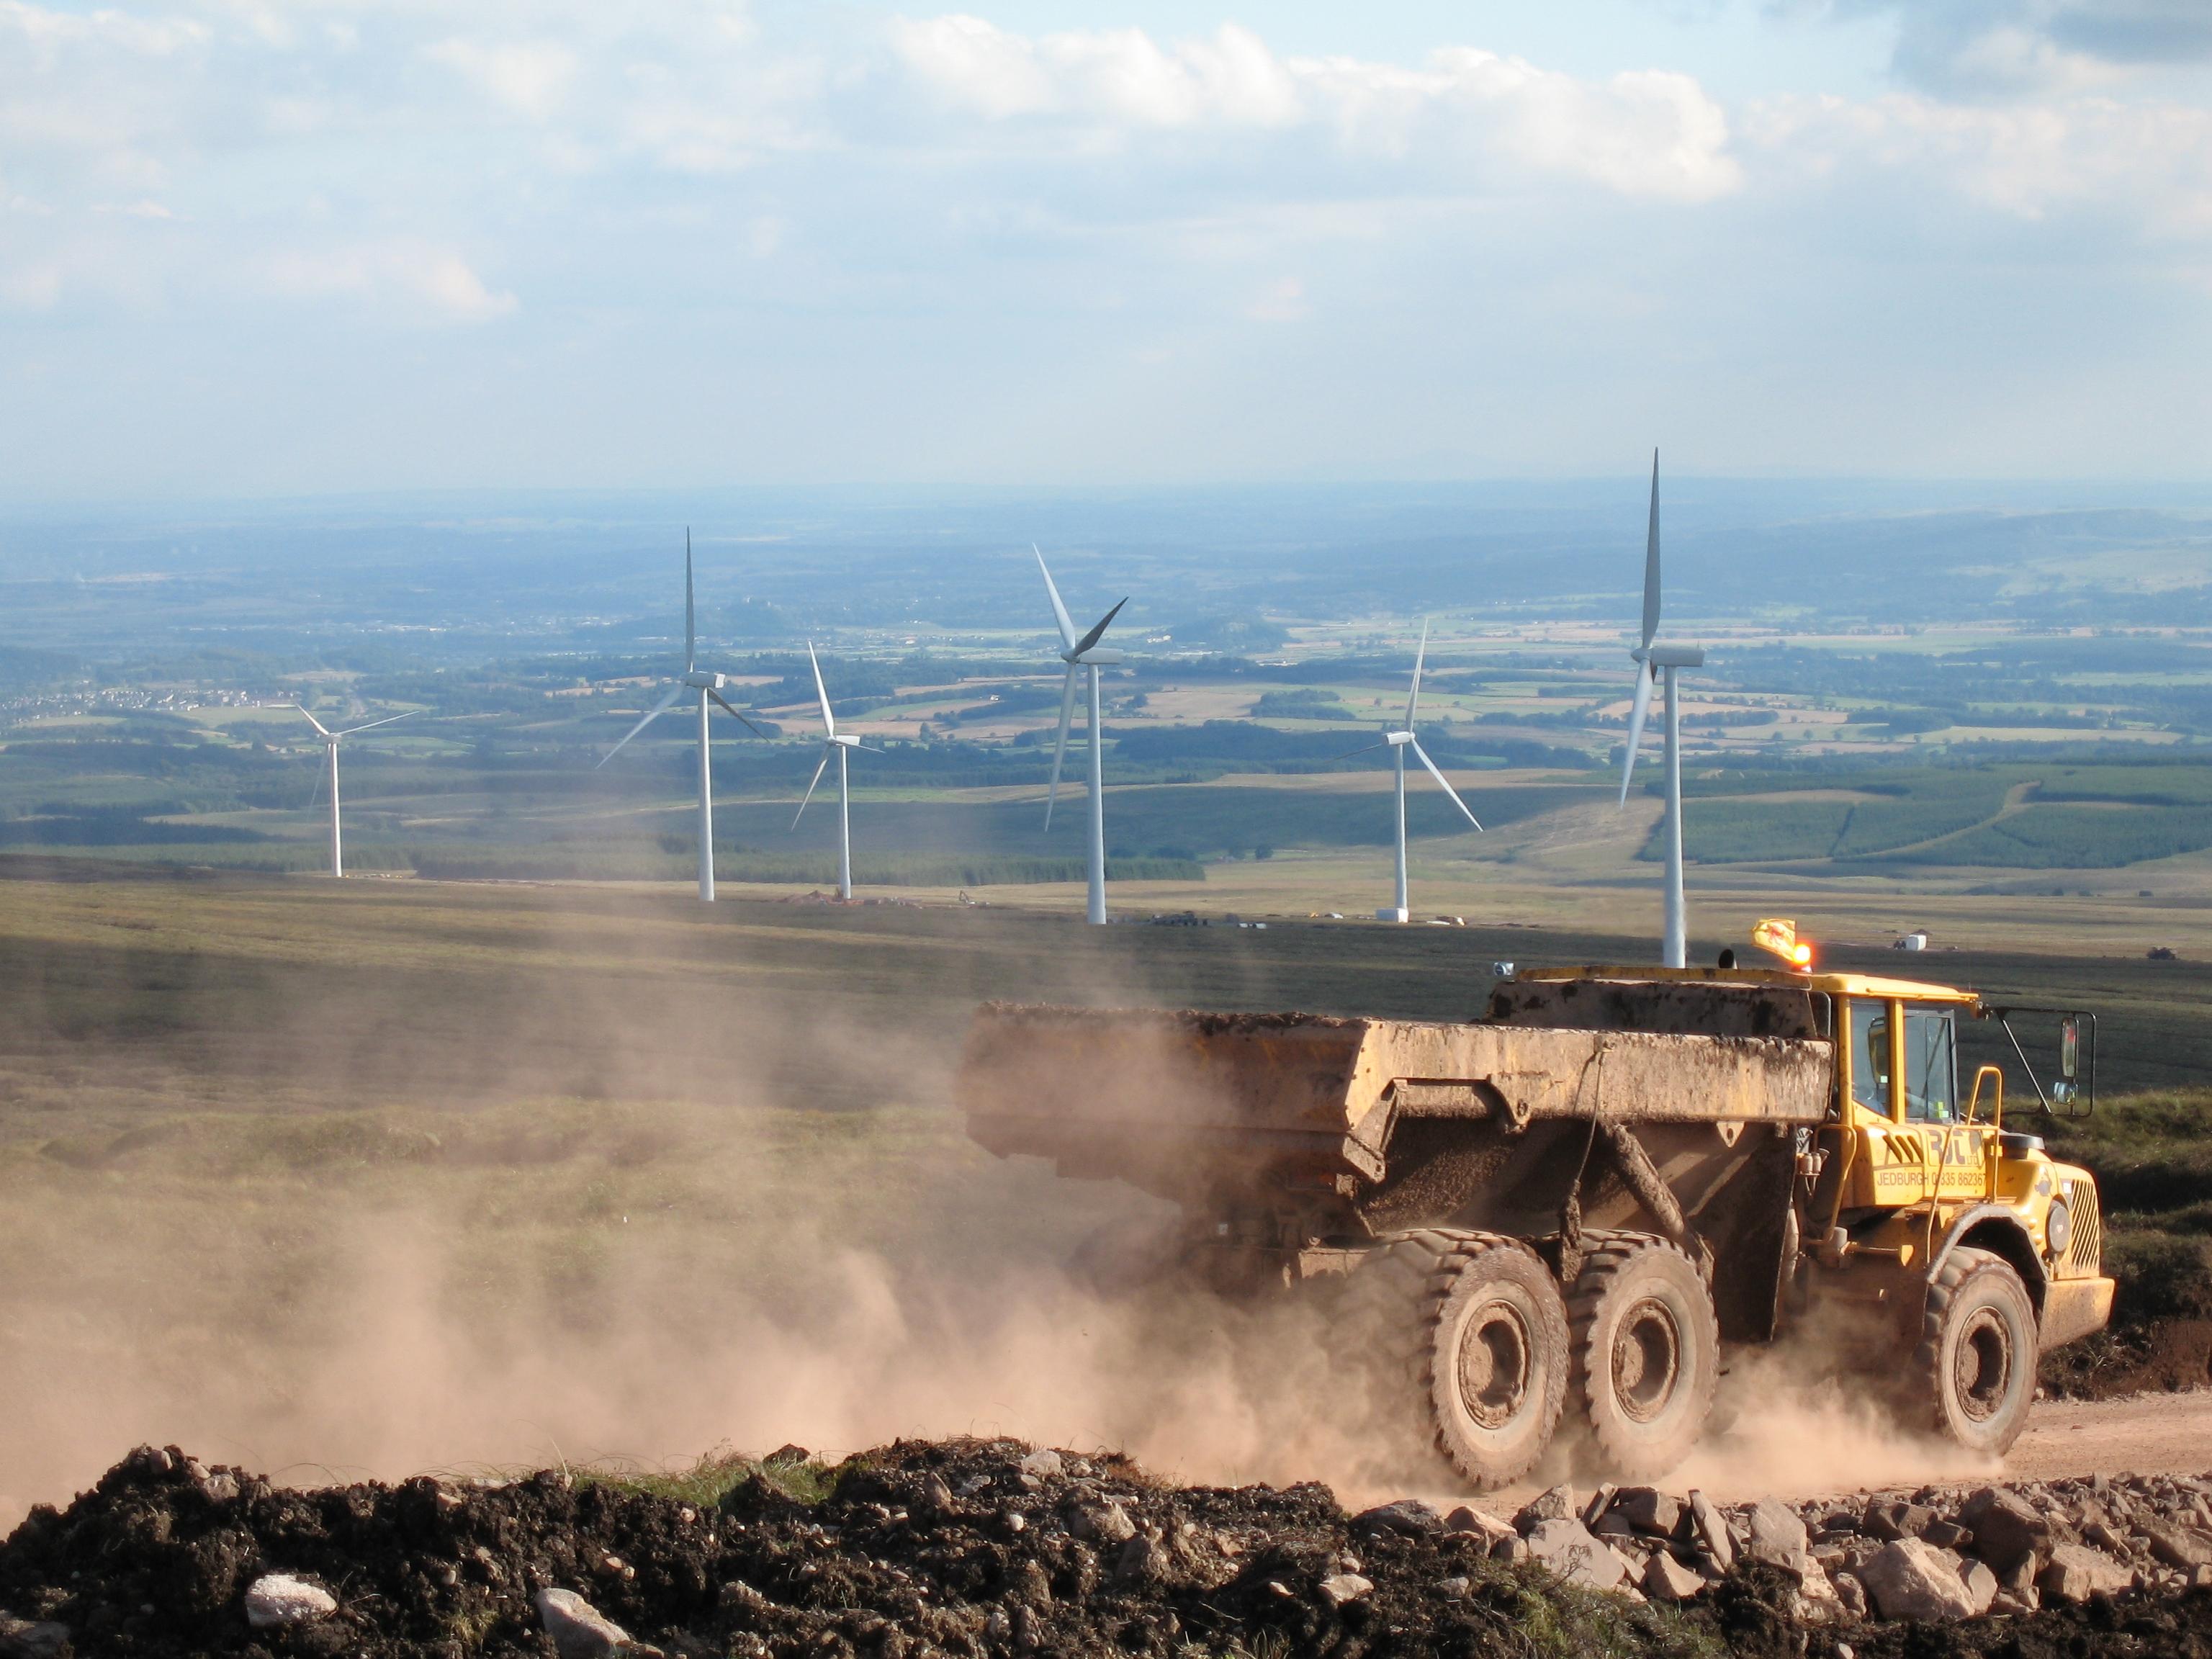 Fournir des solutions durables pour le secteur de l'énergie éolienne avec des géosynthétiques